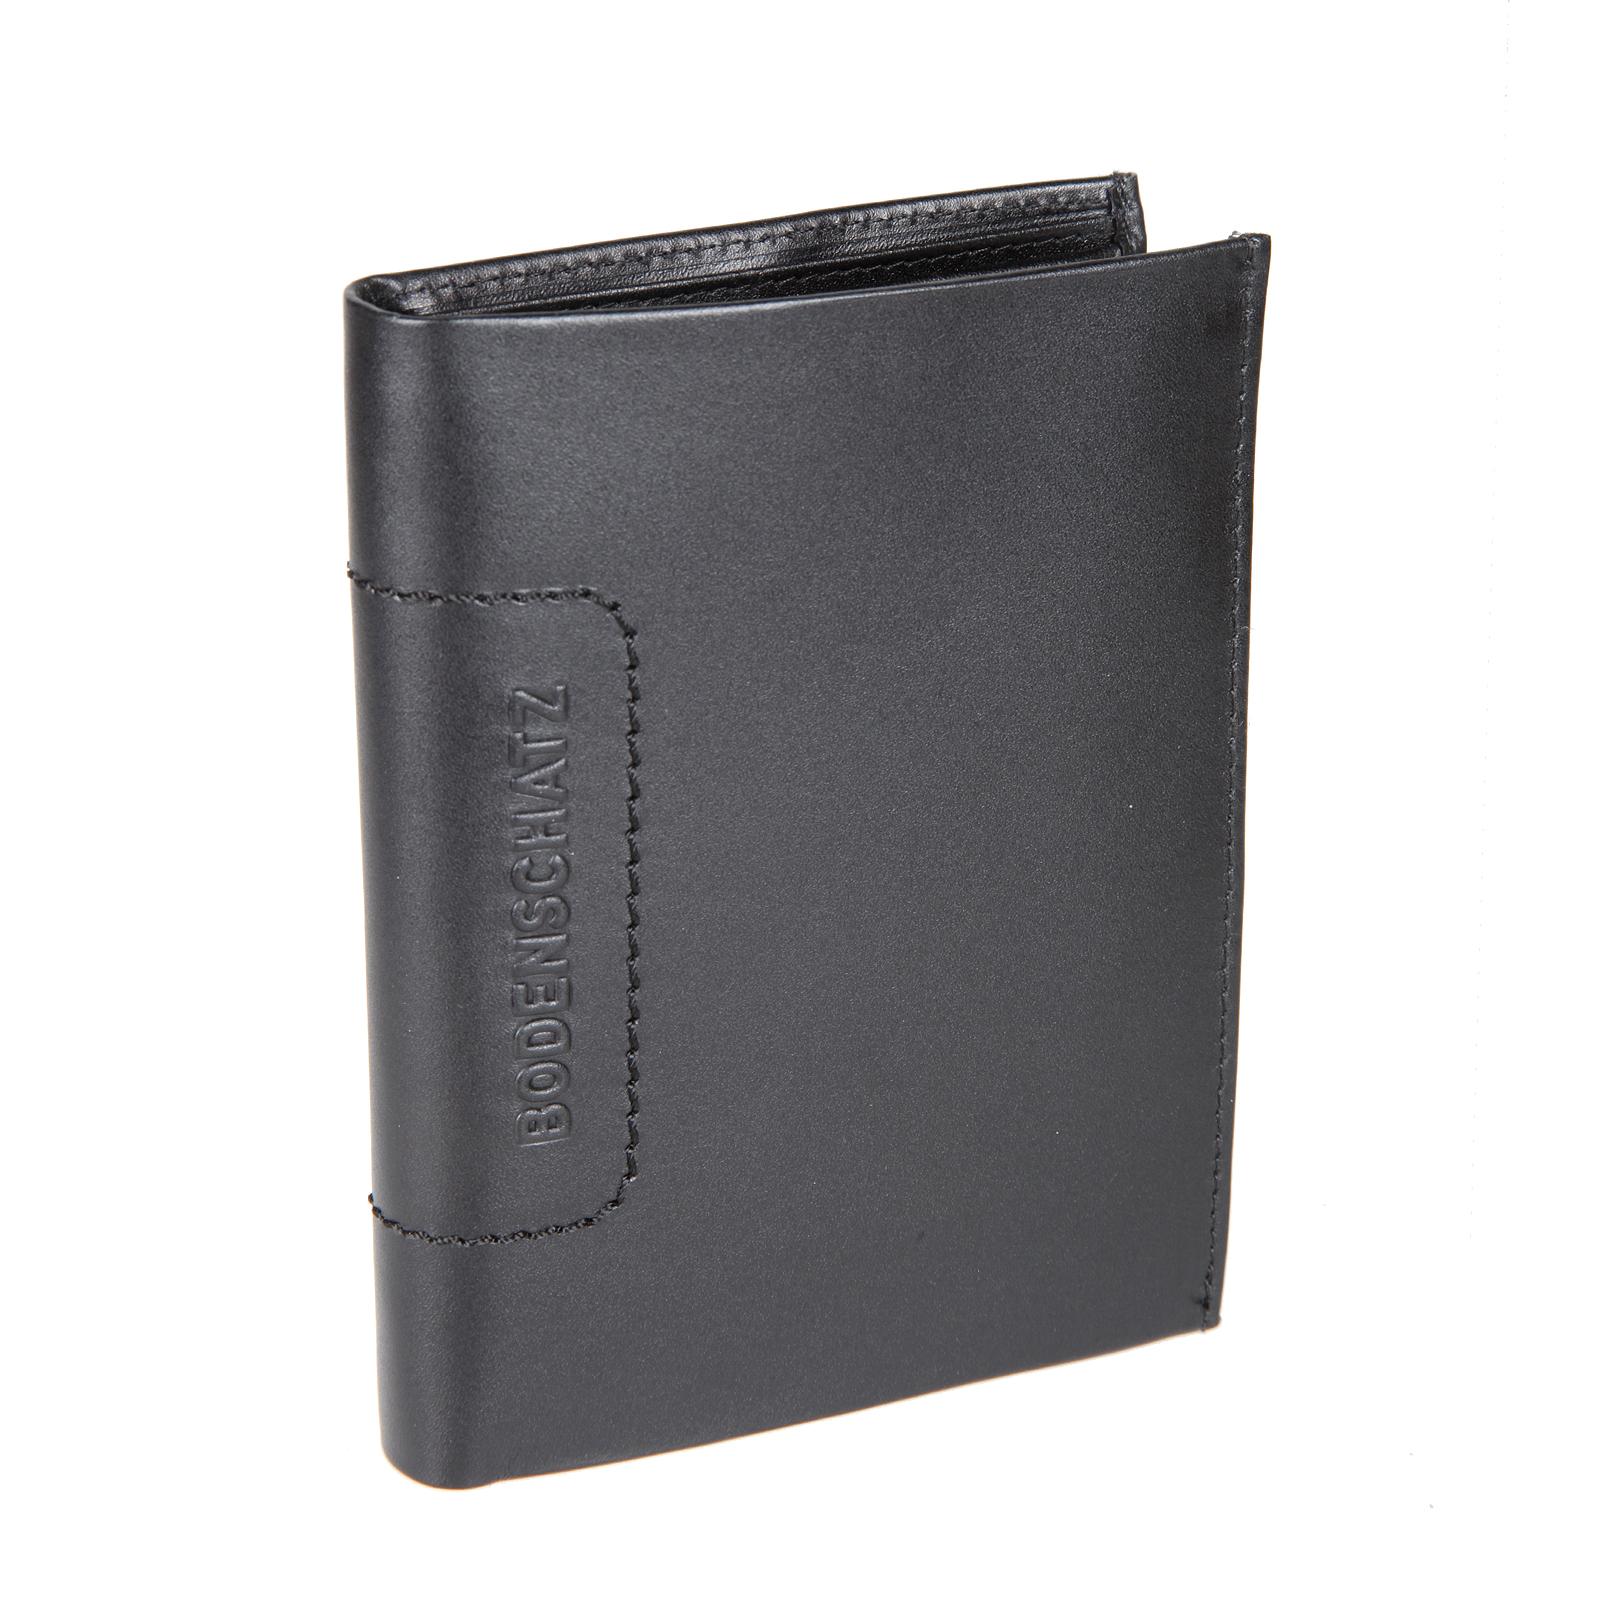 Портмоне мужское Bodenschatz, цвет: черный. 8-500 black8-500 blackРаскладывается пополам, внутри два отдела для купюр, четыре потайных кармана, отделение для монет закрывается клапаном на кнопке, шесть кармашков для пластиковых карт (один из них сетчатый), один сетчатый карман для пропуска.